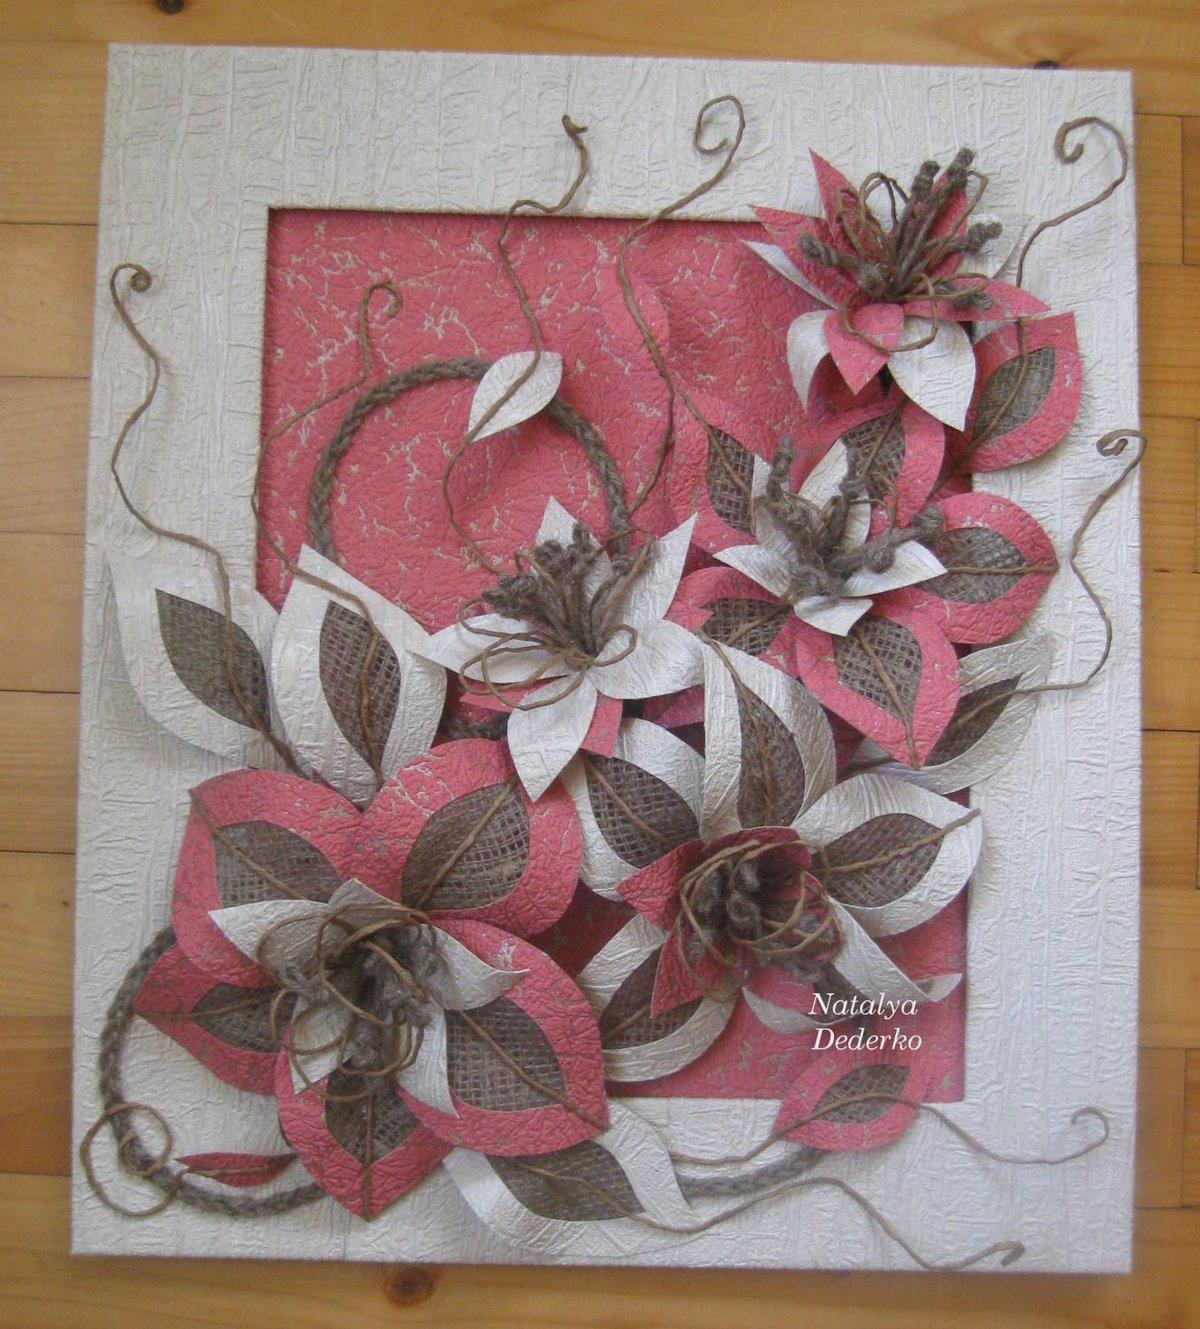 Картины из ткани - пошаговая инструкция для начинающих (80 фото) 89